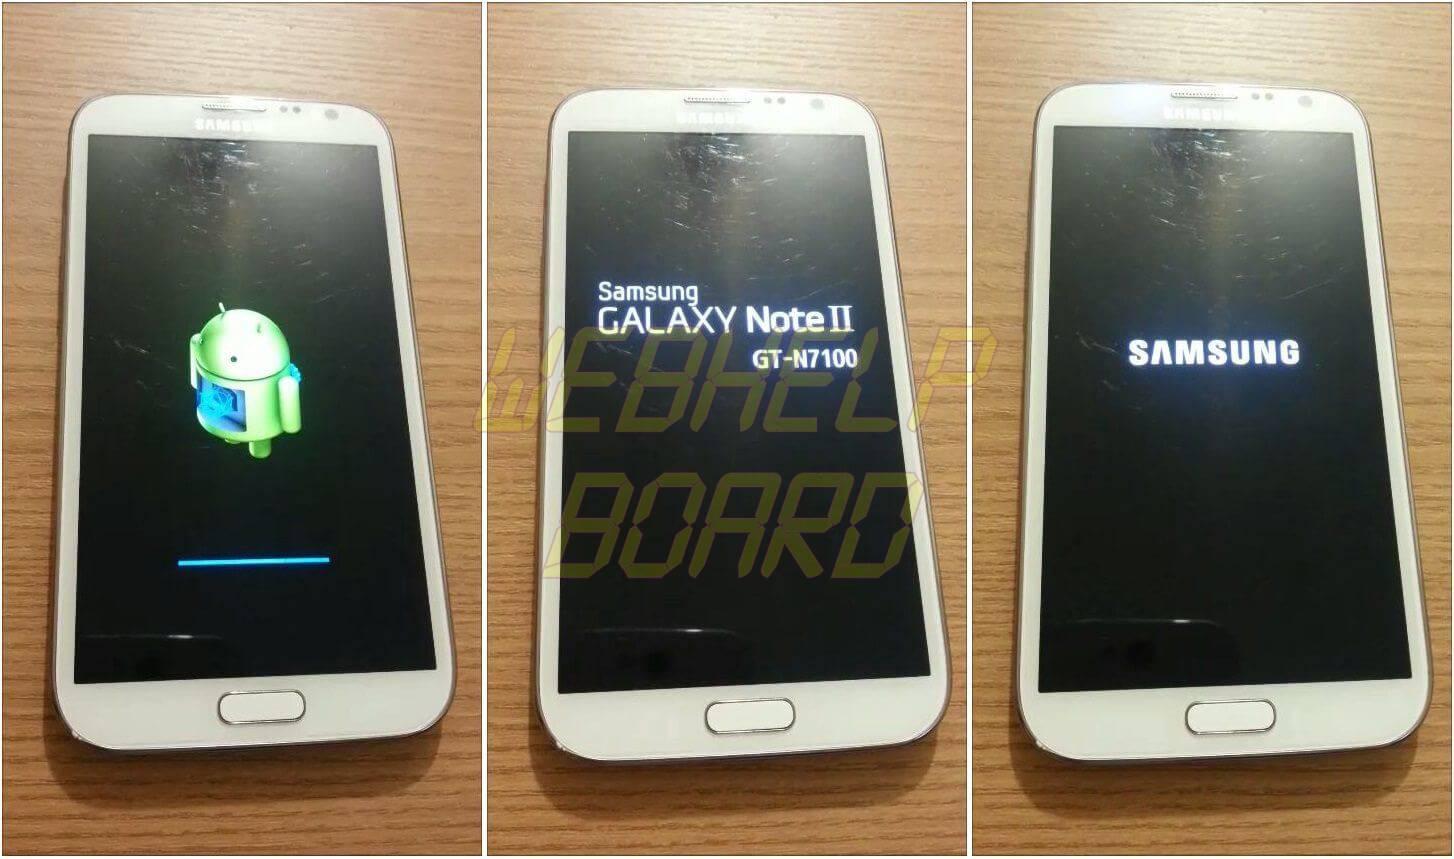 SoftReset1 48115 horz seq2ok - Vendeu o celular? Aprenda a voltar ao padrão de fábrica no Android